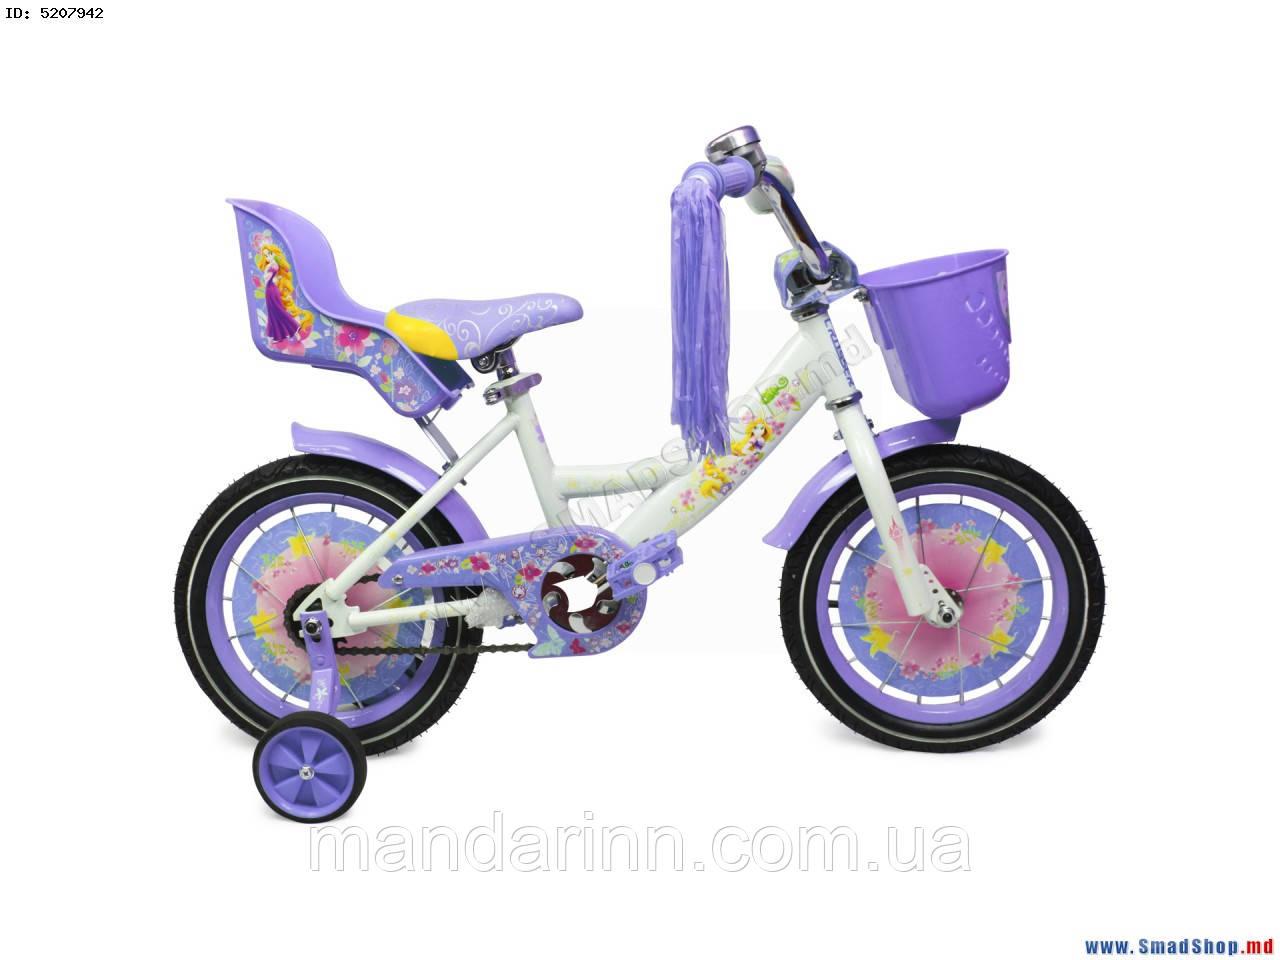 Велосипед детский Girls 16 дюймов фиолетовый